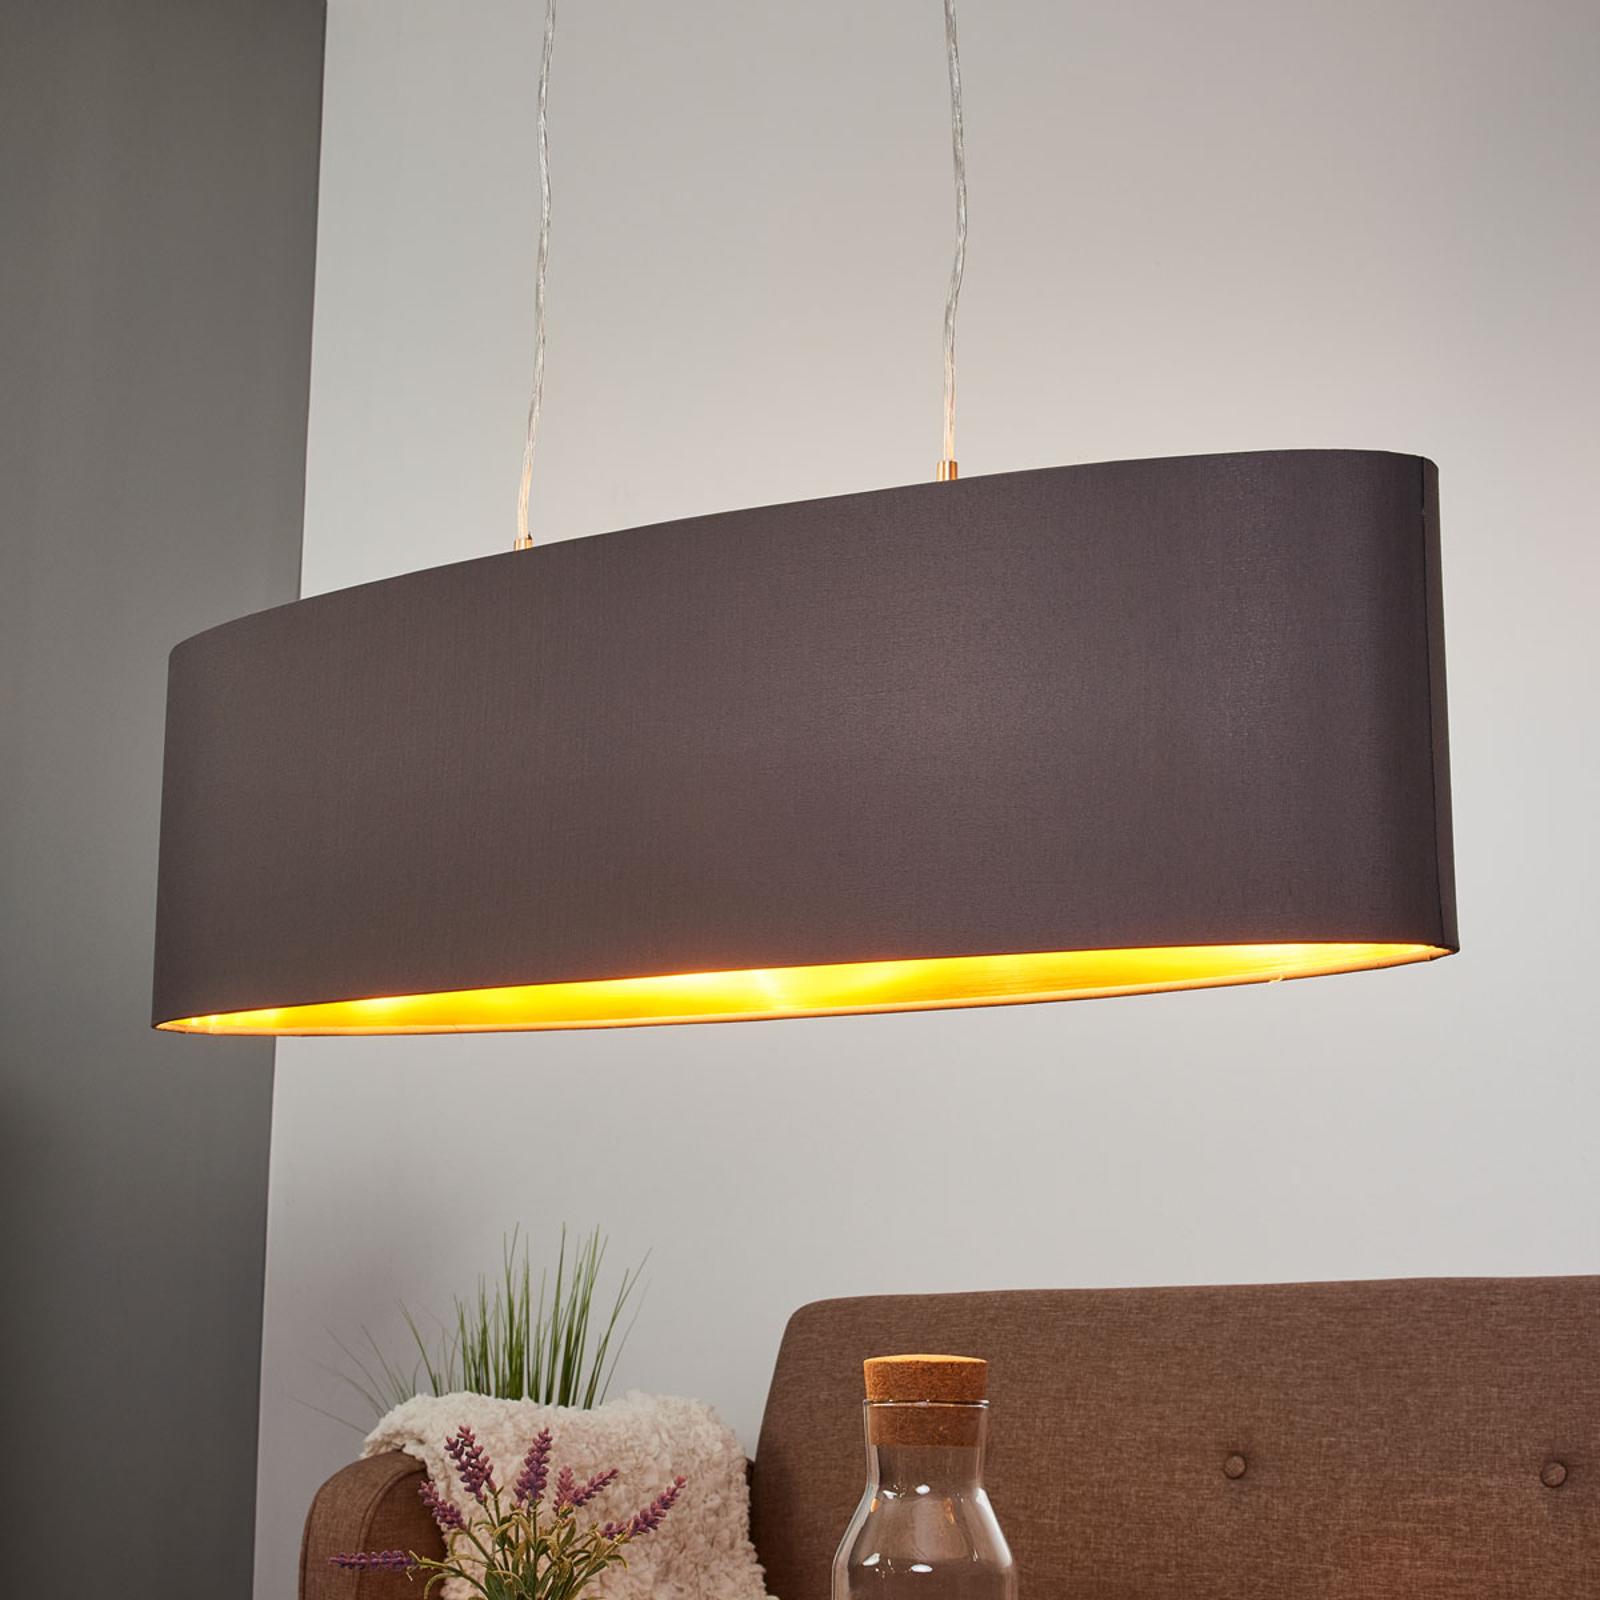 Goud-zwarte stoffen hanglamp Lecio